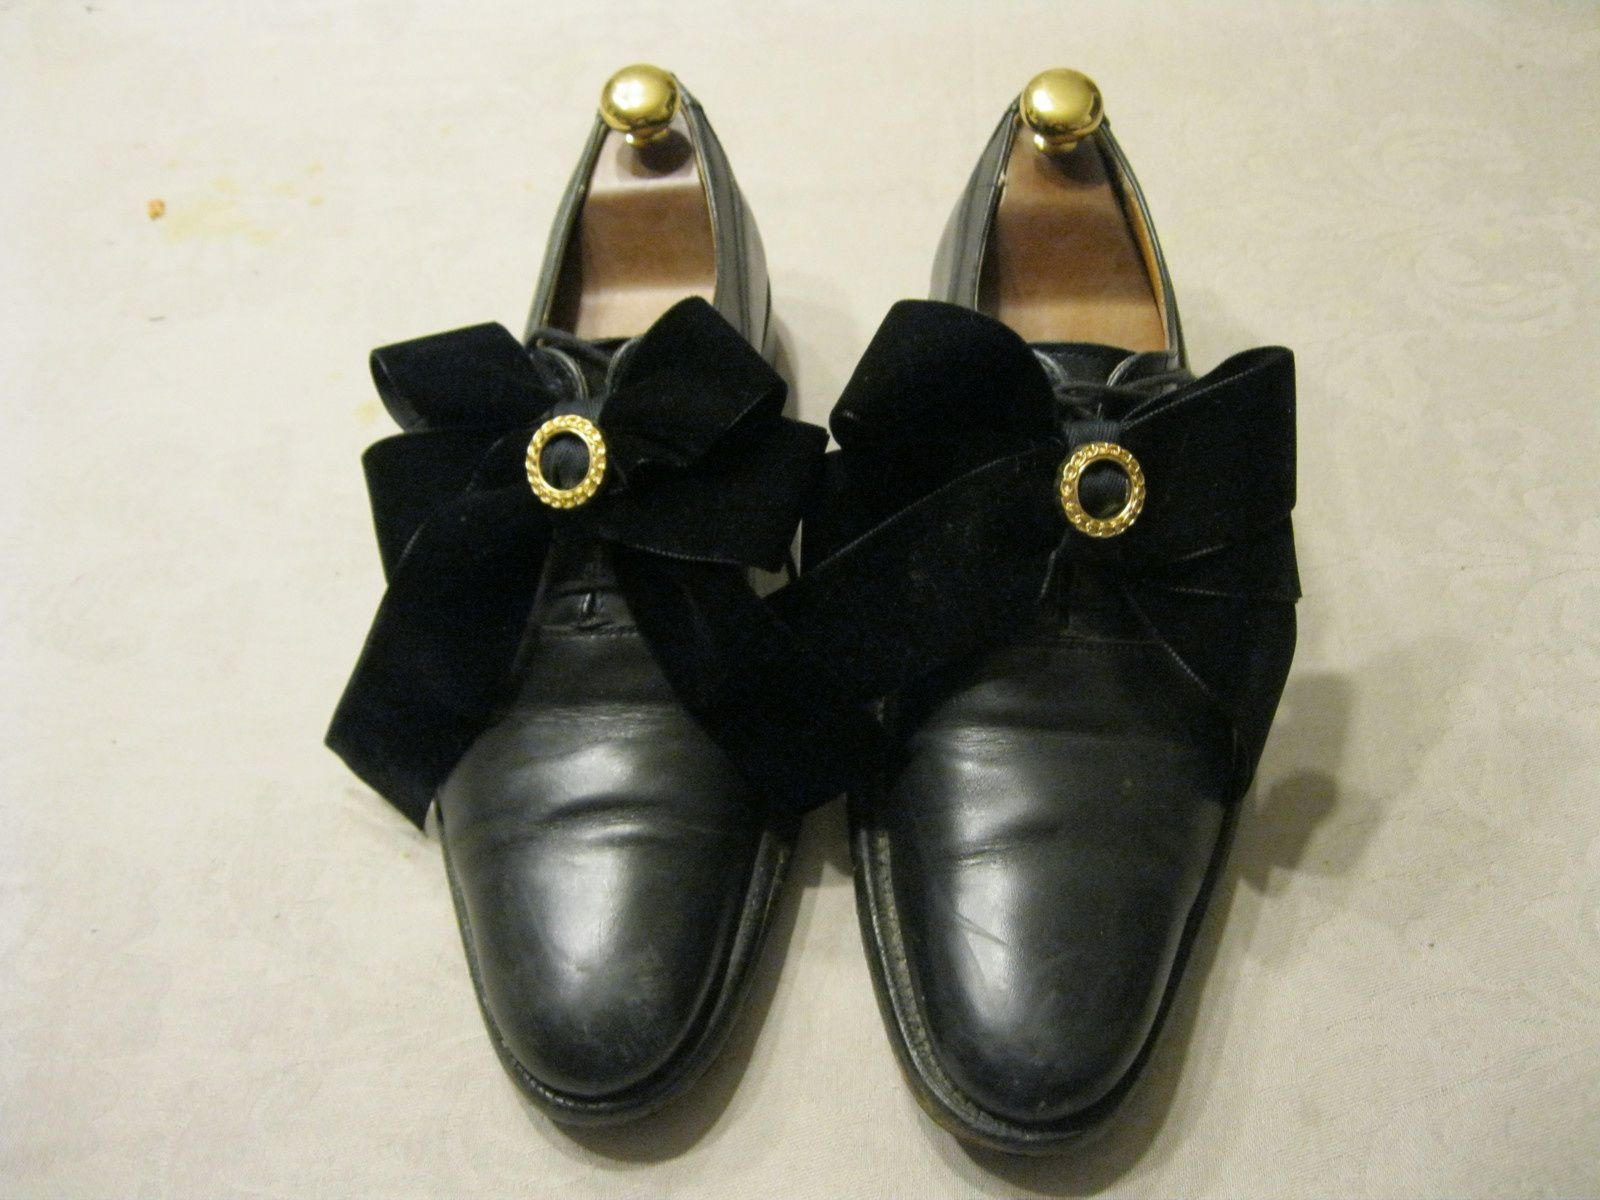 Pantalon,porte-clés, chaussures